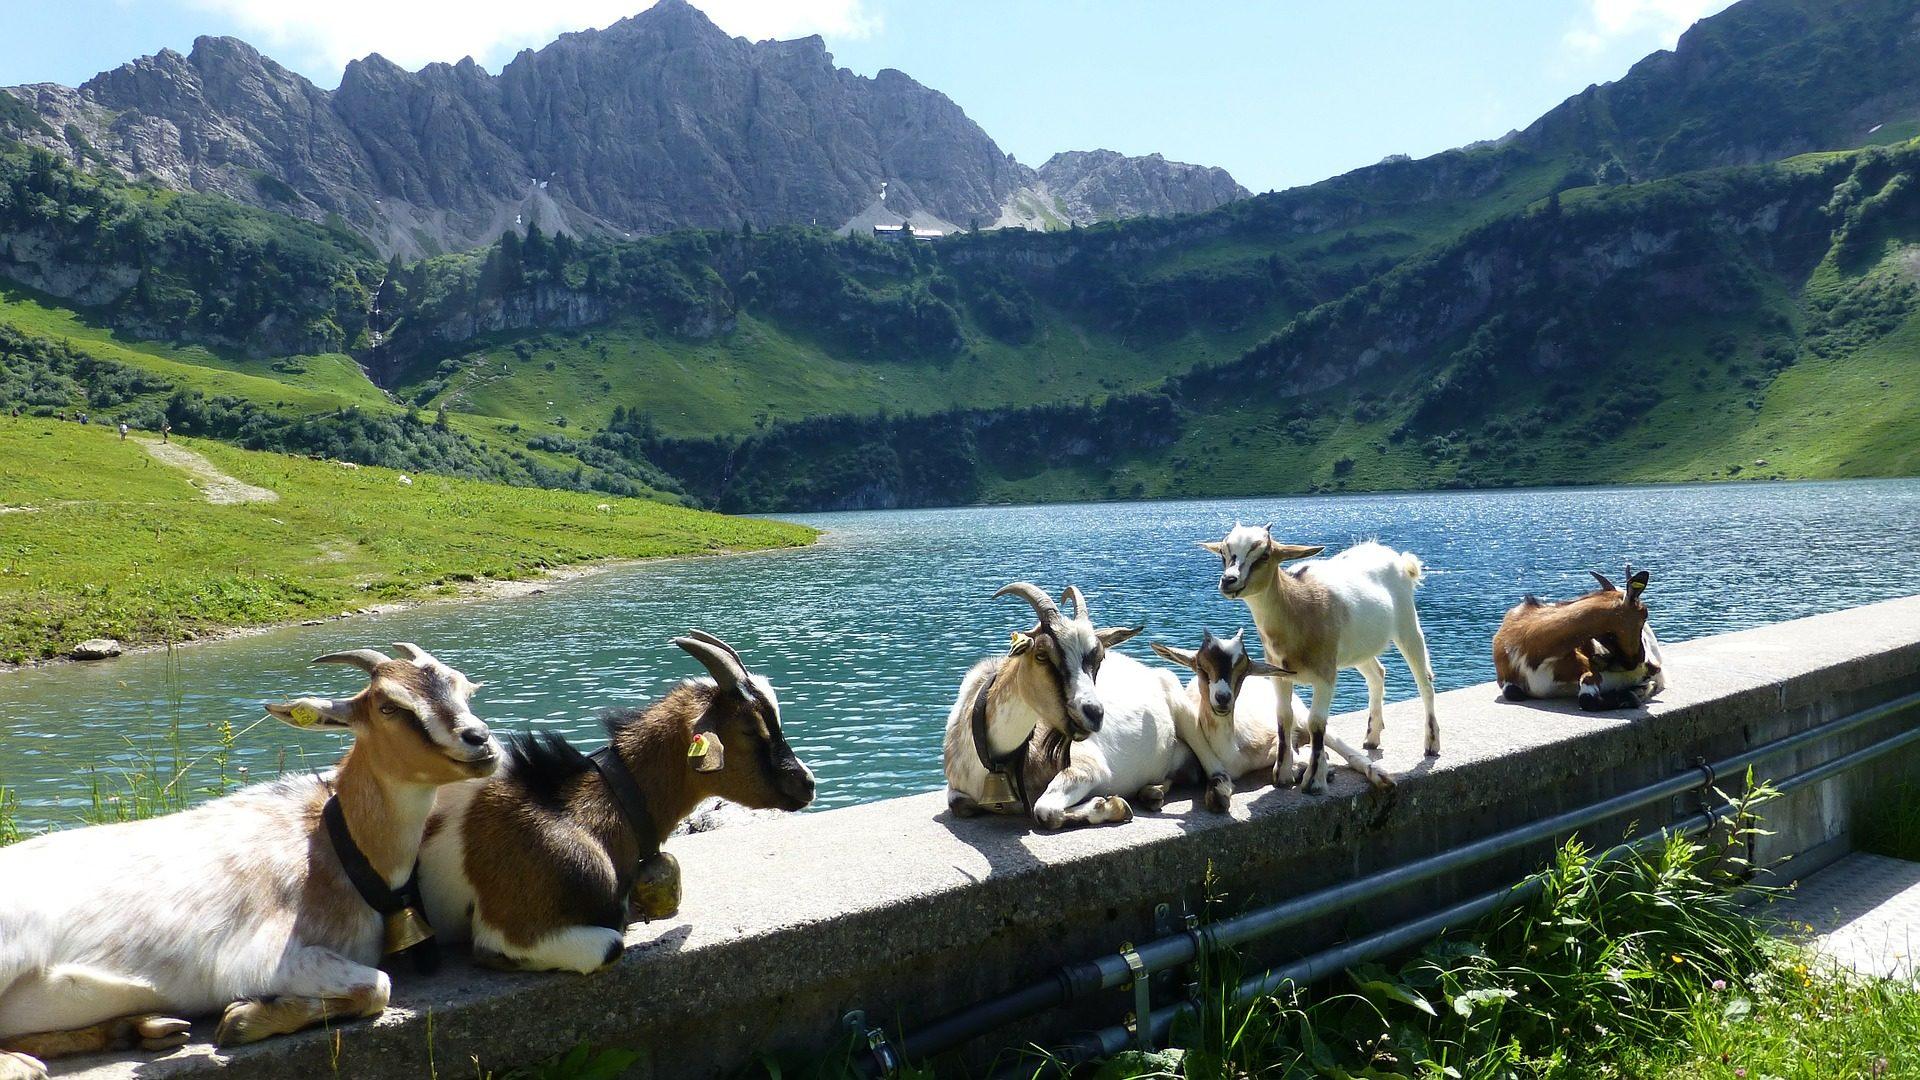 козы, маленькие дети, горы, Долина, Озеро, Река, Тироль - Обои HD - Профессор falken.com